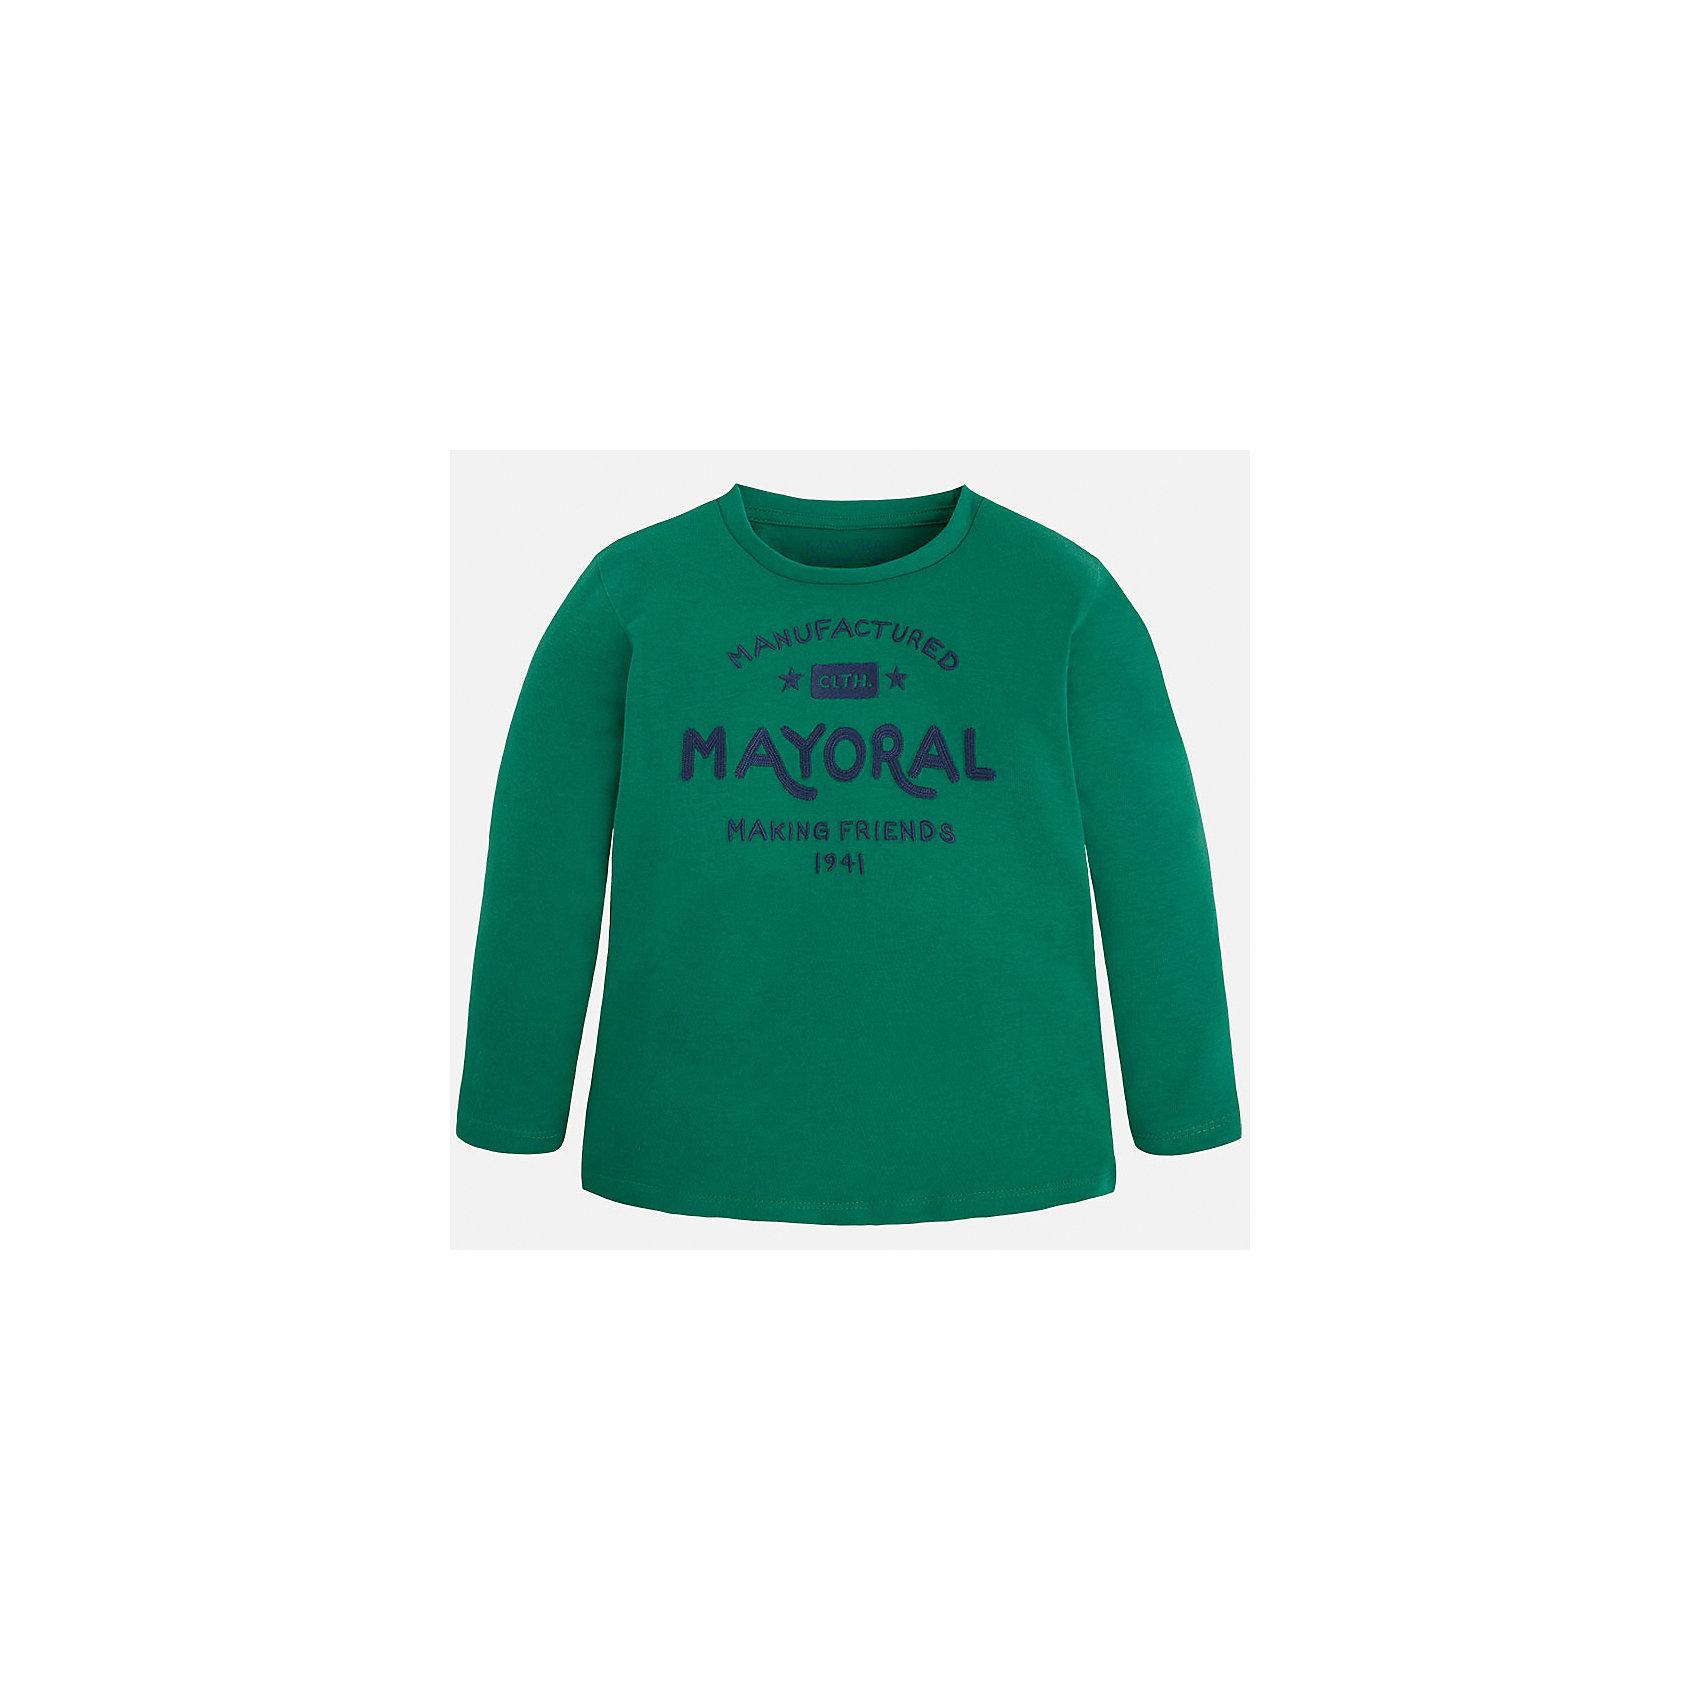 Футболка с длинным рукавом для мальчика MayoralФутболка для мальчика от известного испанского бренда Mayoral. Изготовлена из качественных дышащих материалов, приятно прилегает к телу. Прямой силуэт, длинные рукава. Спереди футболка украшена принтом, посвященным бренду. Специально для тех, кто знает толк в качестве одежды.<br>Дополнительная информация:<br>-прямой силуэт<br>-длинные рукава<br>-цвет: зеленый<br>-состав: 100% хлопок<br>Футболку Mayoral можно приобрести в нашем интернет-магазине.<br><br>Ширина мм: 230<br>Глубина мм: 40<br>Высота мм: 220<br>Вес г: 250<br>Цвет: зеленый<br>Возраст от месяцев: 36<br>Возраст до месяцев: 48<br>Пол: Мужской<br>Возраст: Детский<br>Размер: 104,134,122,92,98,110,128,116<br>SKU: 4820387